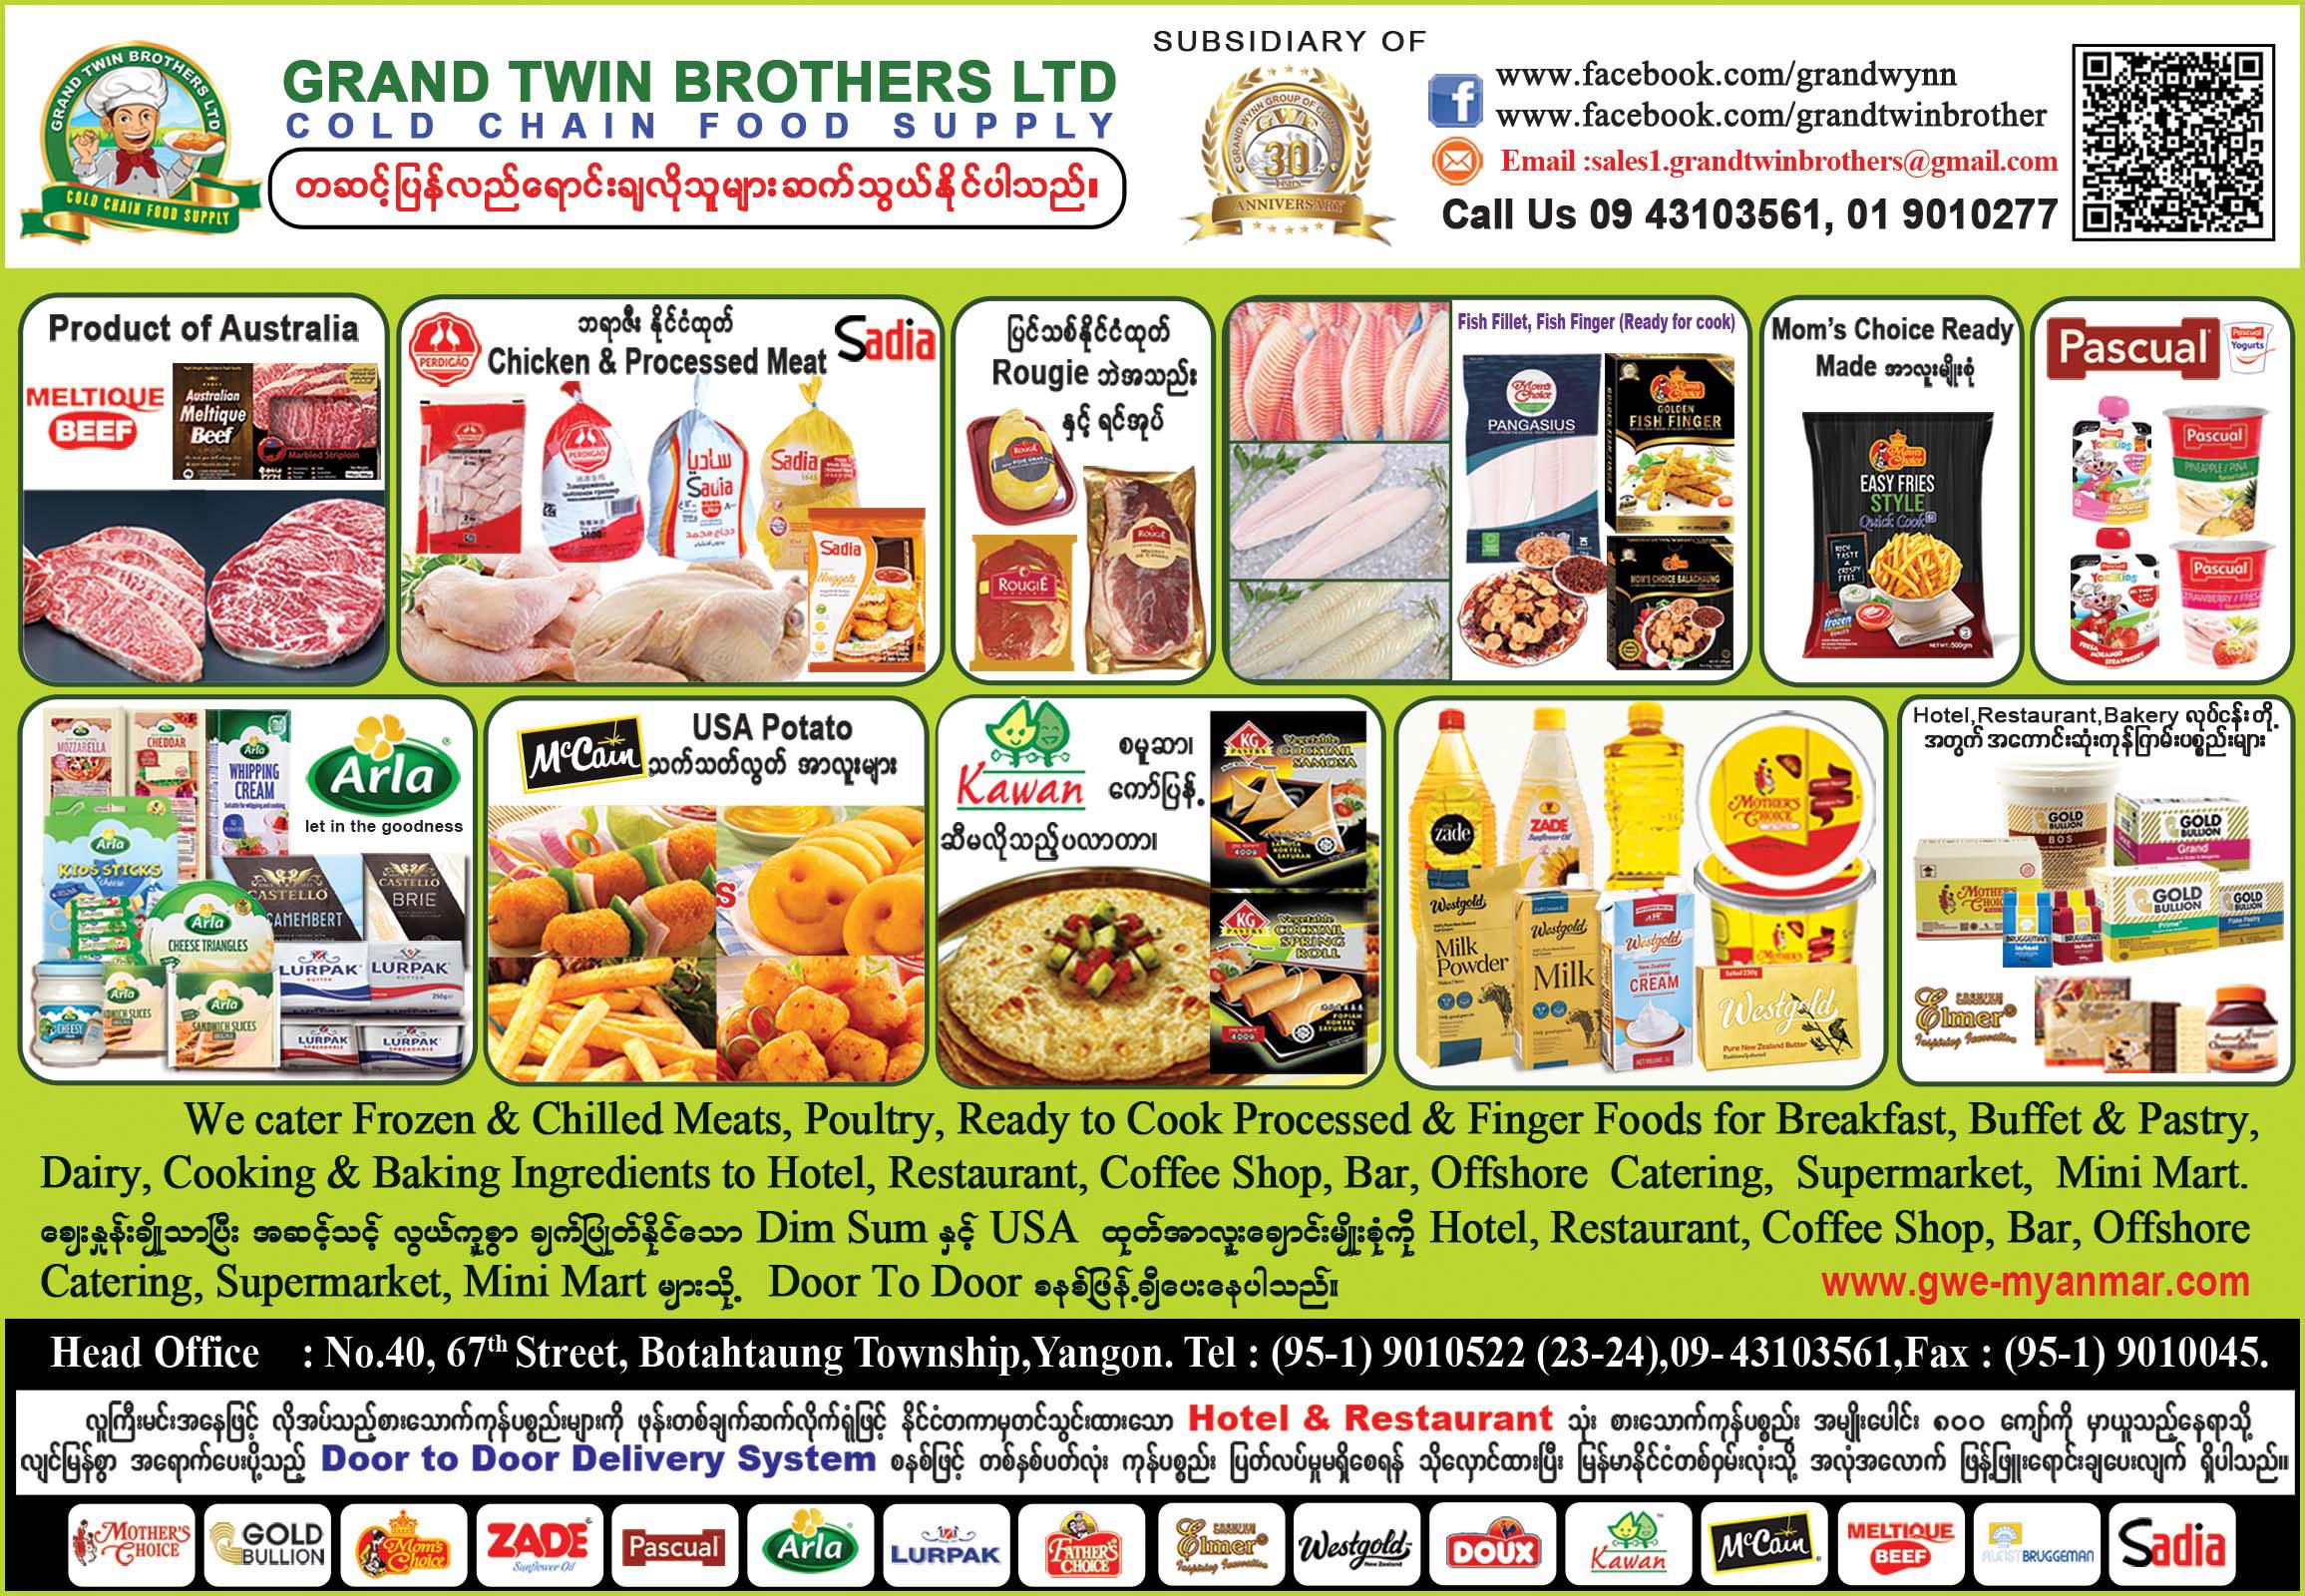 Grand Twin Brothers Ltd.